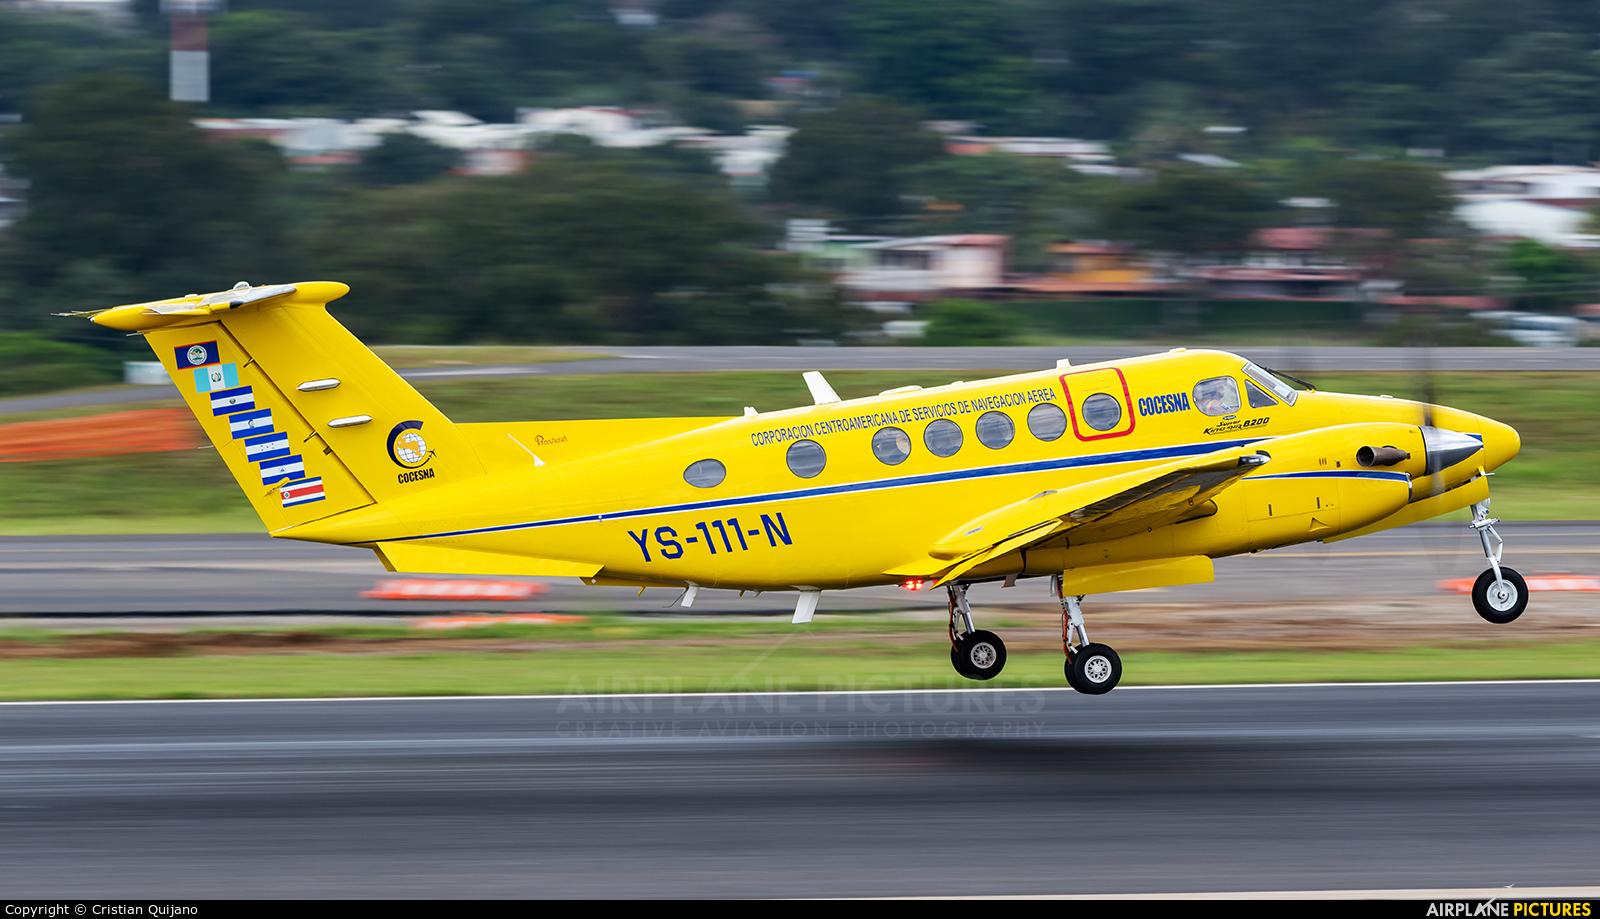 COCESNA YS-111-N aircraft at San Jose - Juan Santamaría Intl